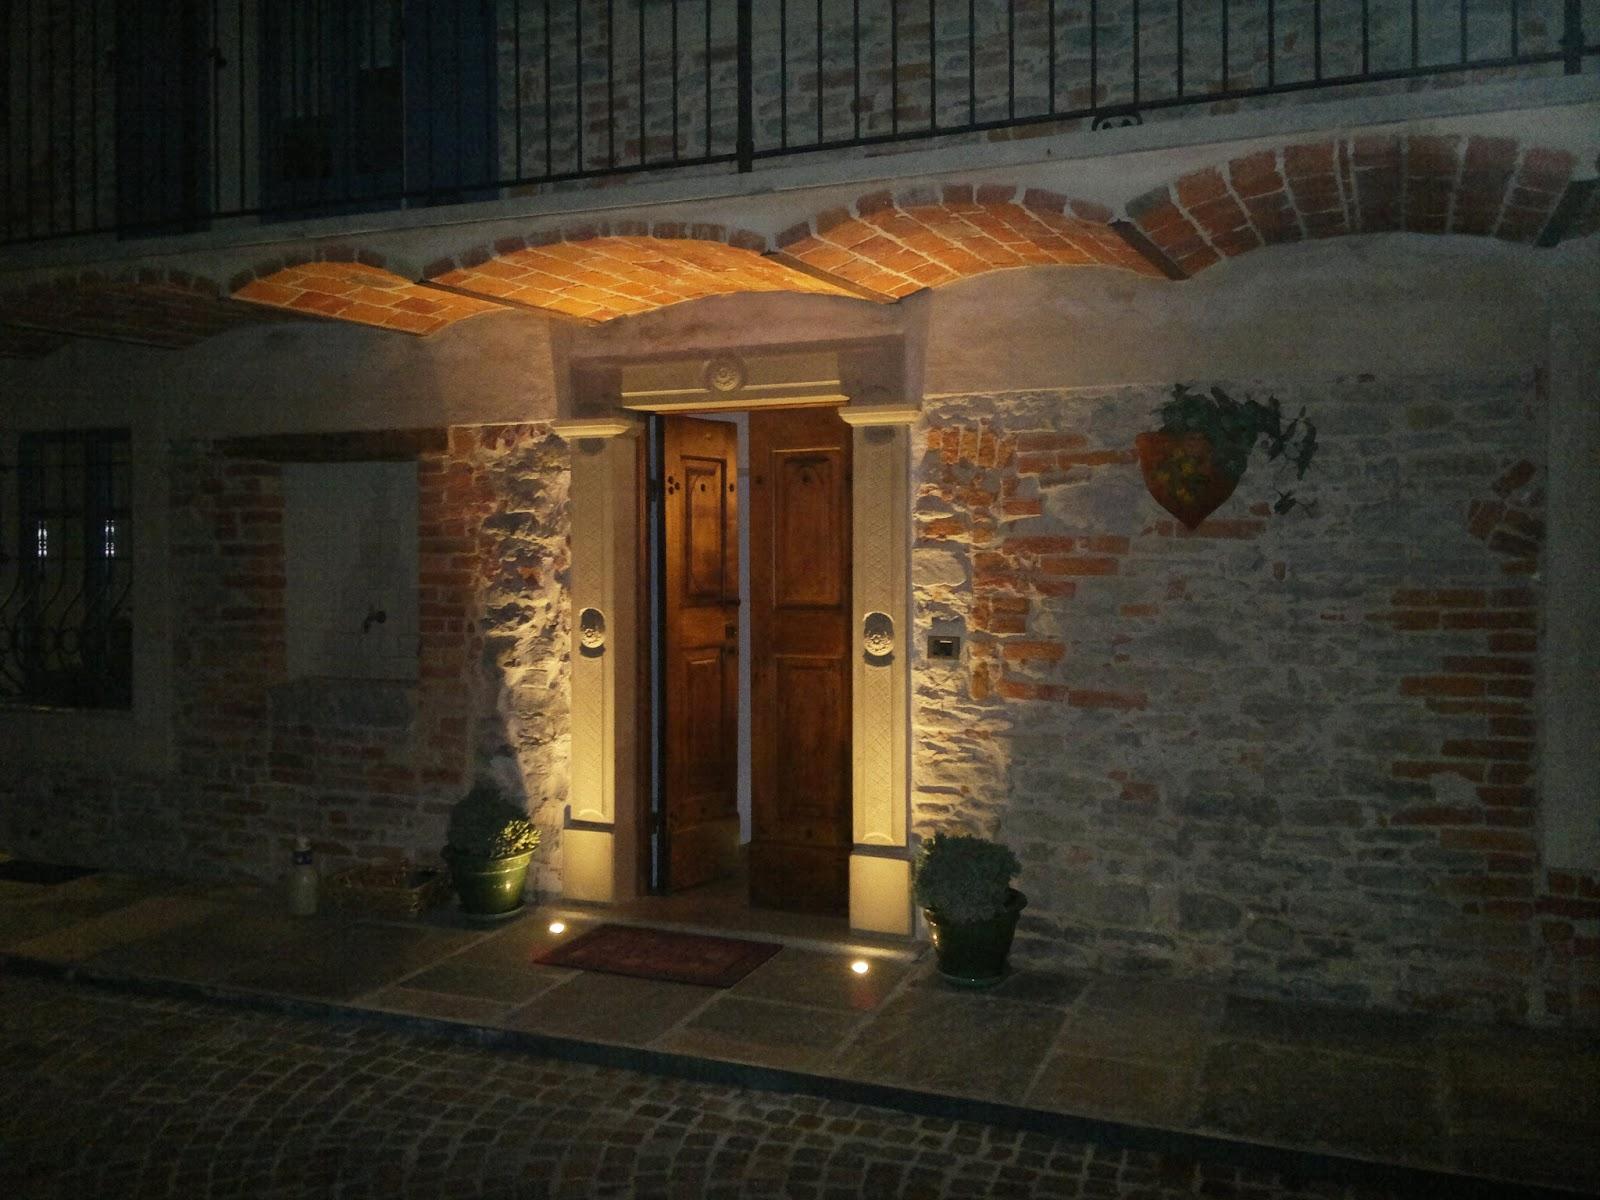 Illuminazione Led casa Illuminare a Led gli ambienti con